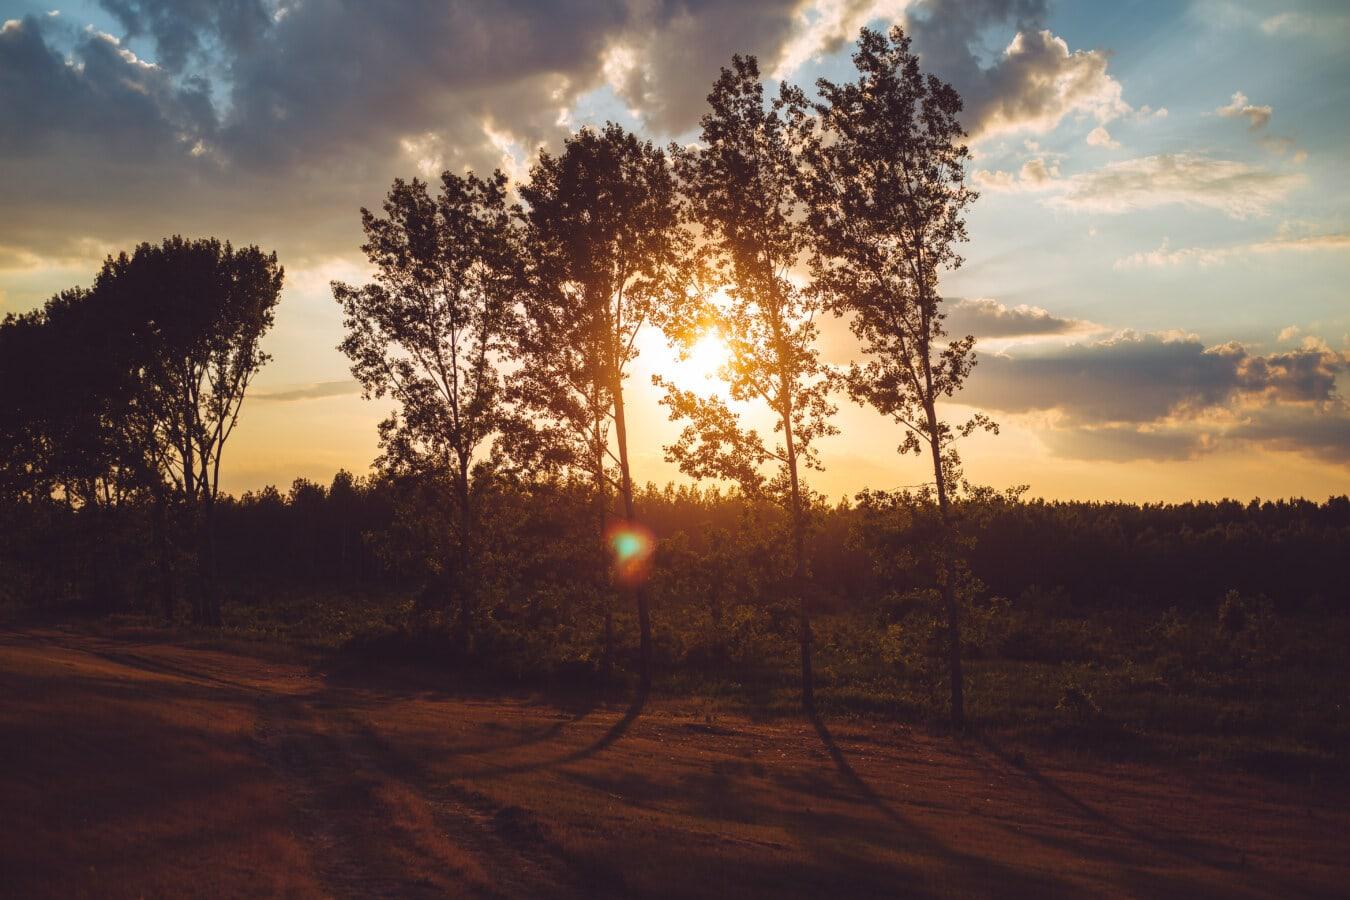 rural, sentier, Itinéraire, coucher de soleil, poussière, lumière du soleil, arbre, aube, paysage, soleil